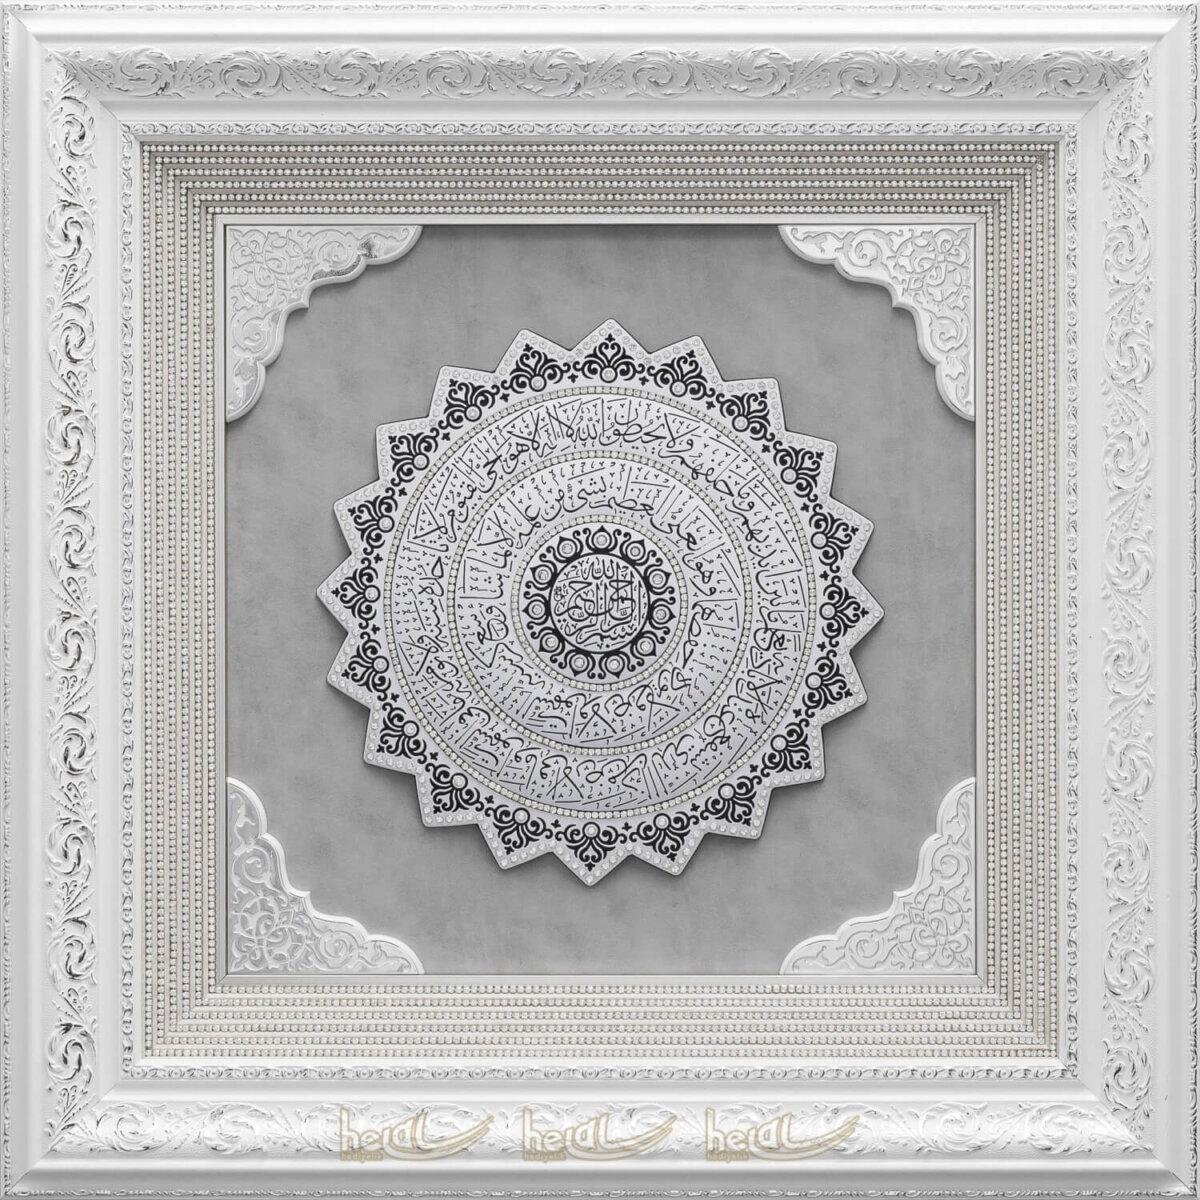 70x70cm Ayetel Kürsü Büyük Papatya Serisi Paspartusu Taşlı Çerçeve Tablo Ayetli Tablolar